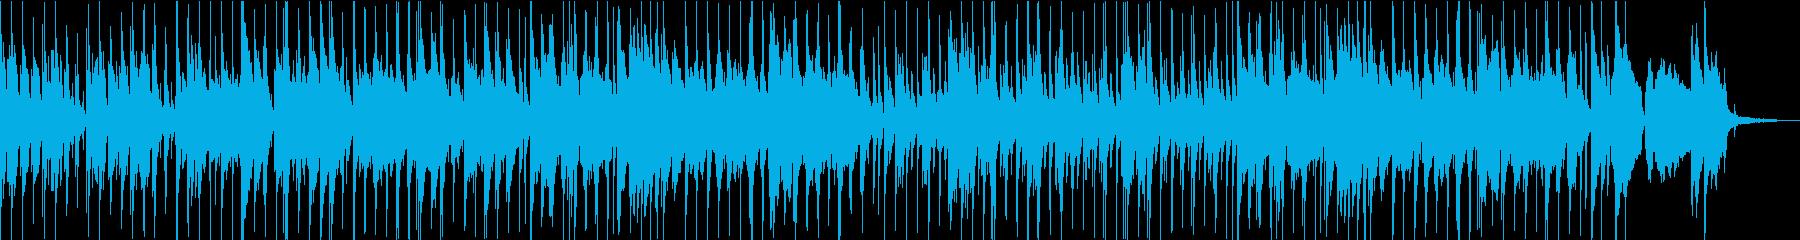 まったりできるトランペットジャズバラードの再生済みの波形